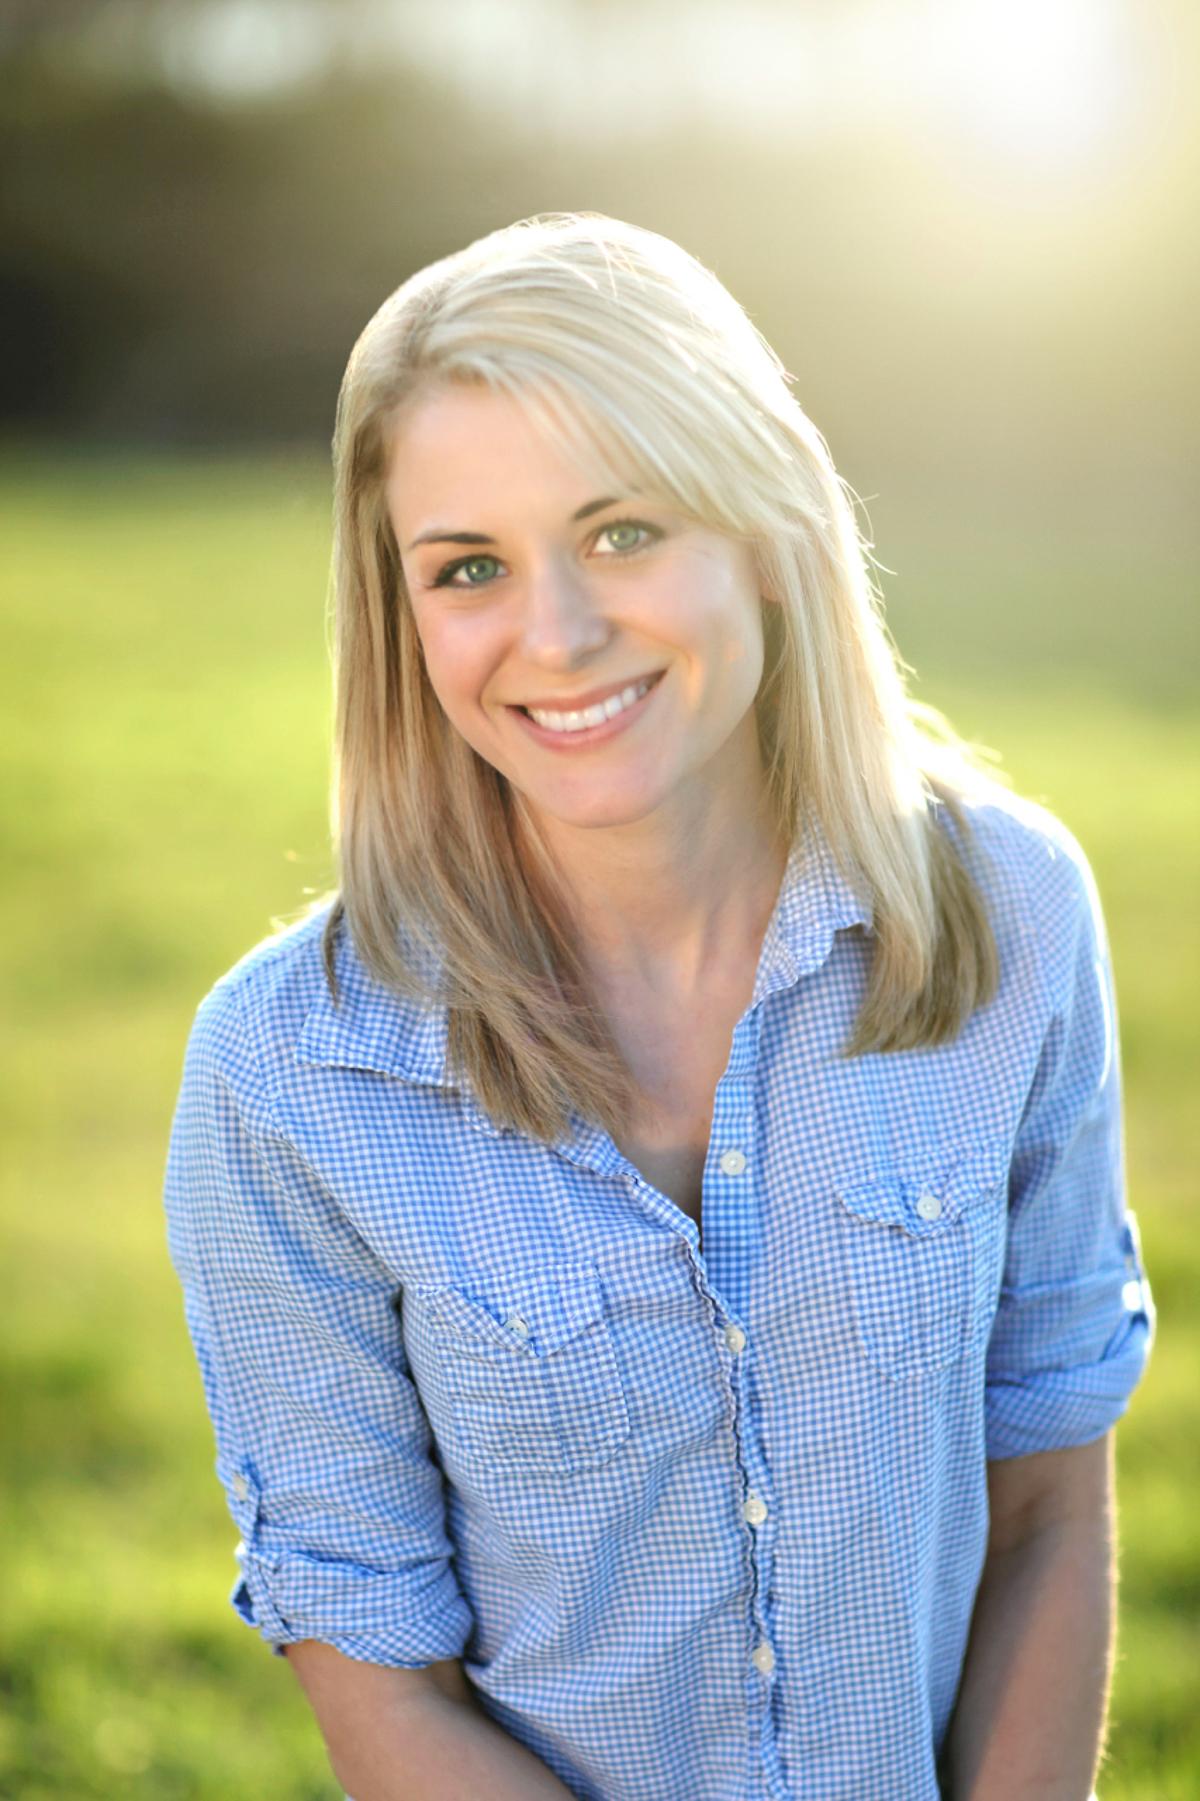 Jenna Weber